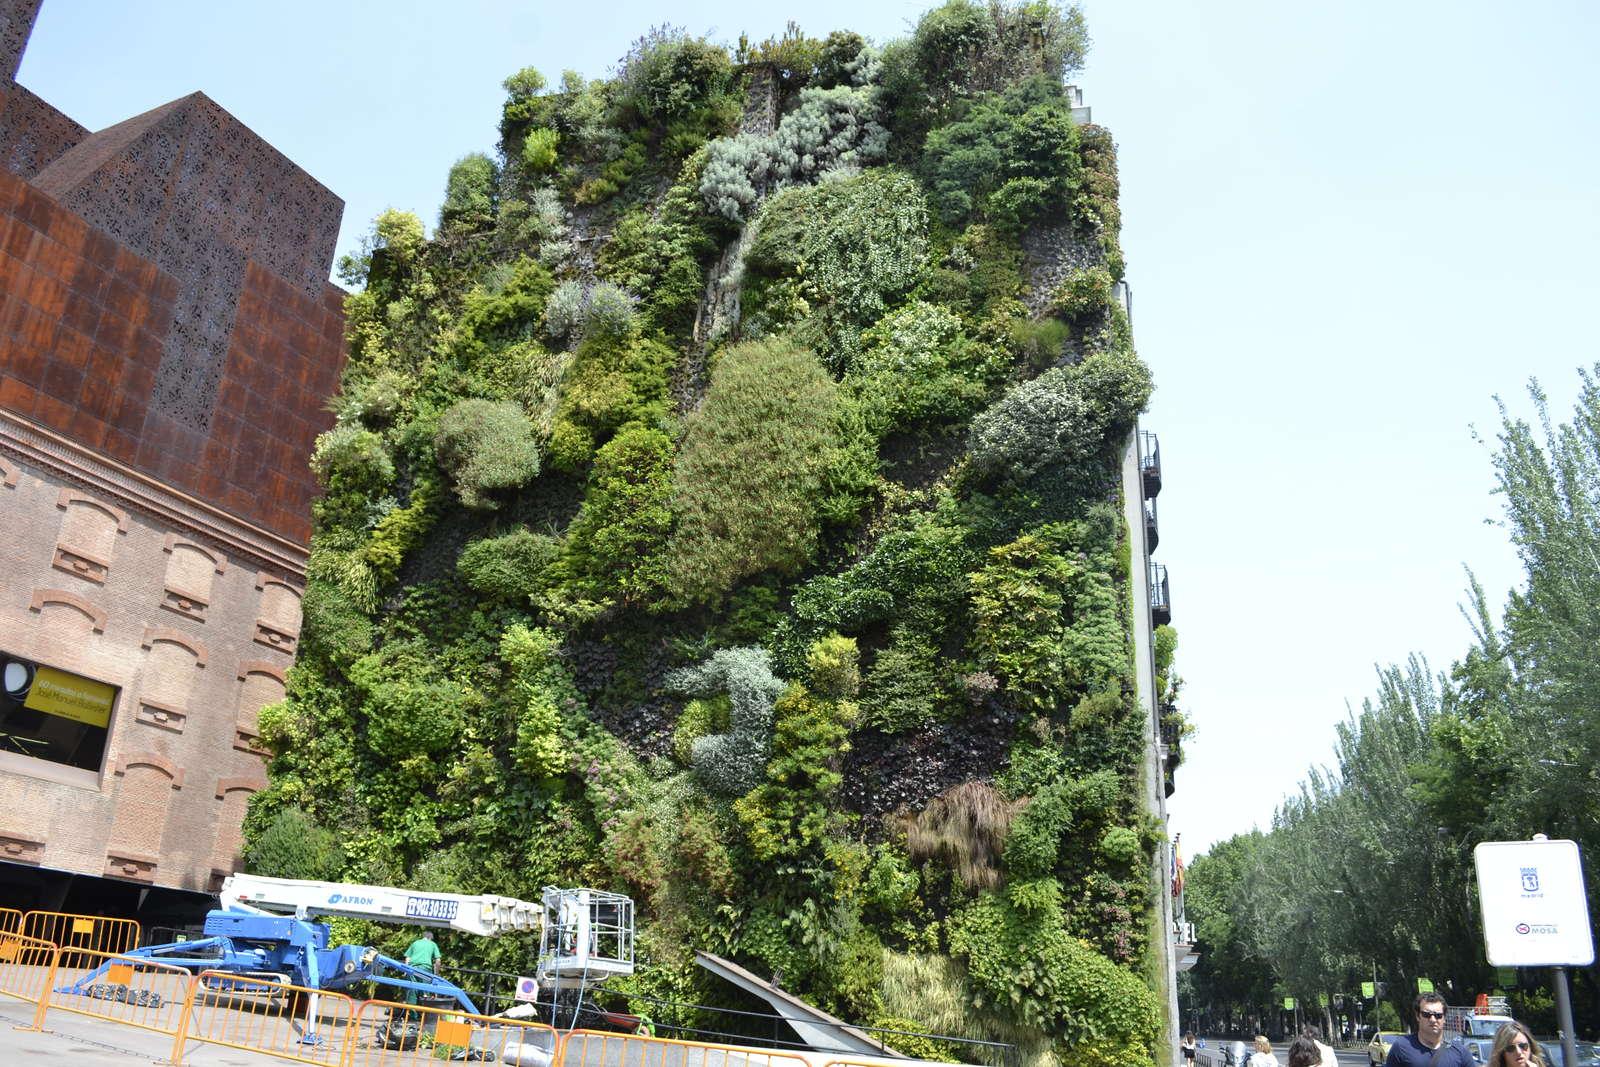 vertikaler garten: gärten bis in luftige höhen anlegen - plantura